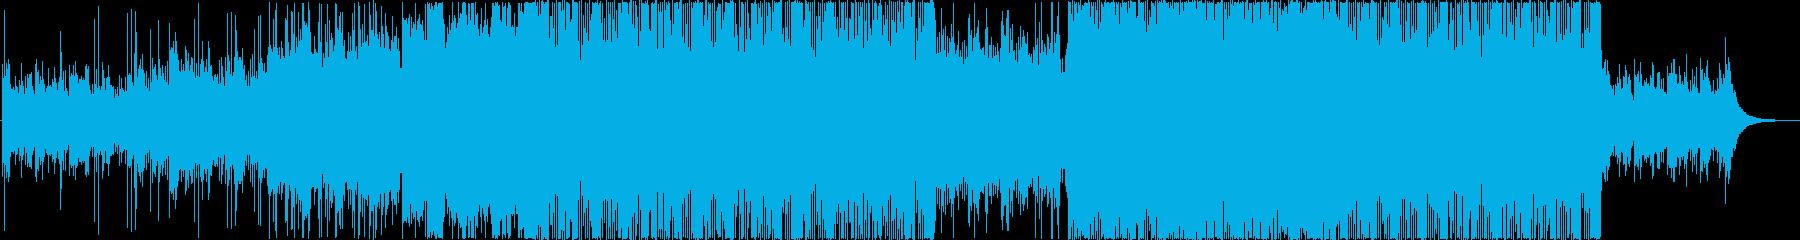 疾走感溢れるロックテイストBGMの再生済みの波形